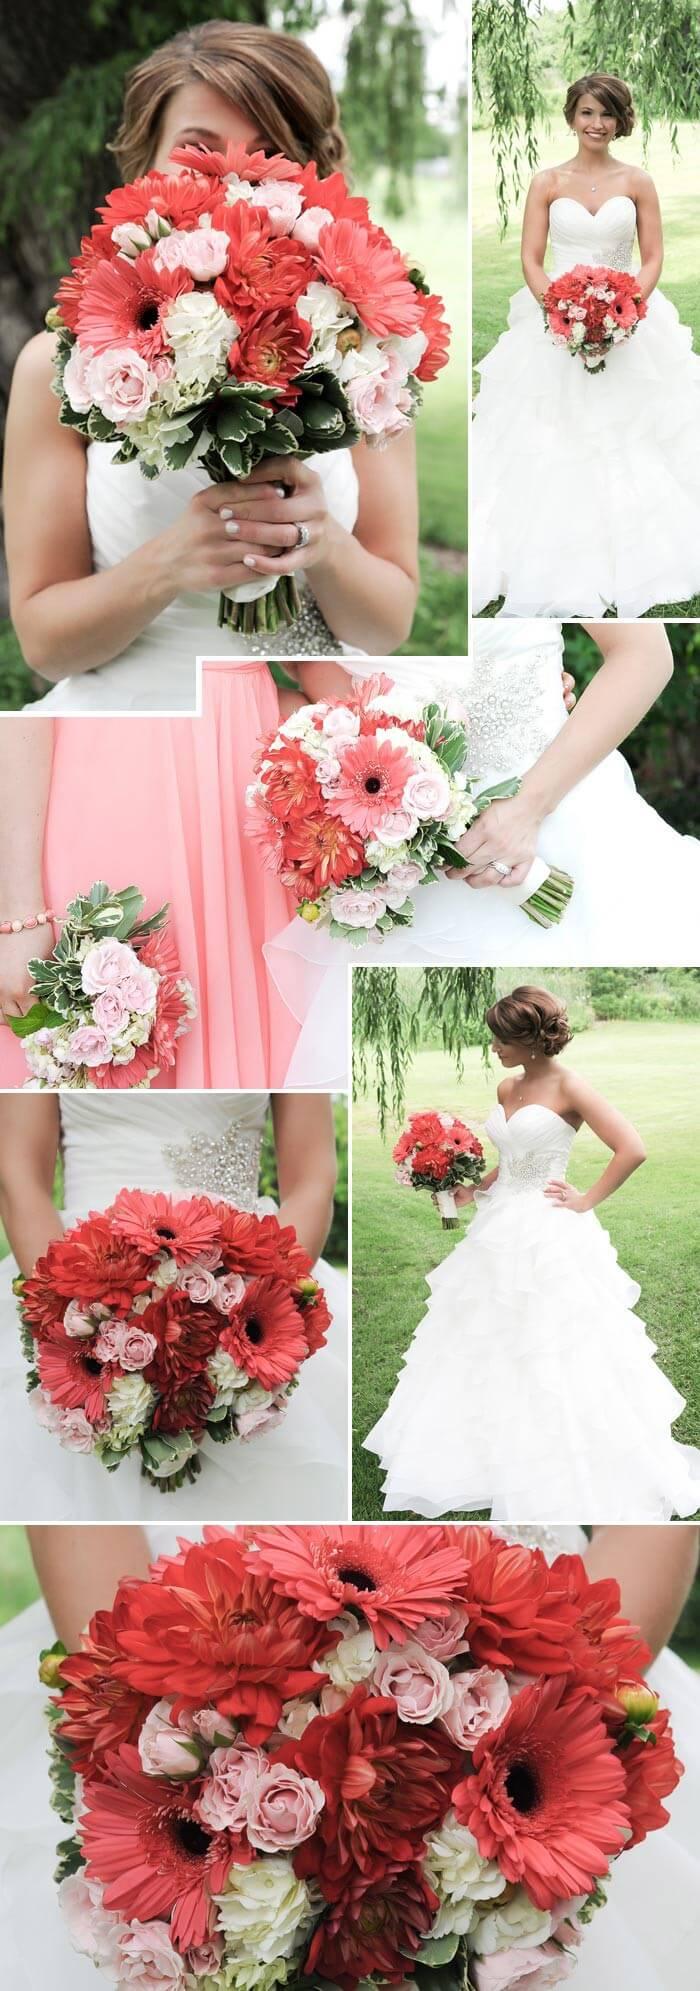 Brautstrauß Beispiele in Rot